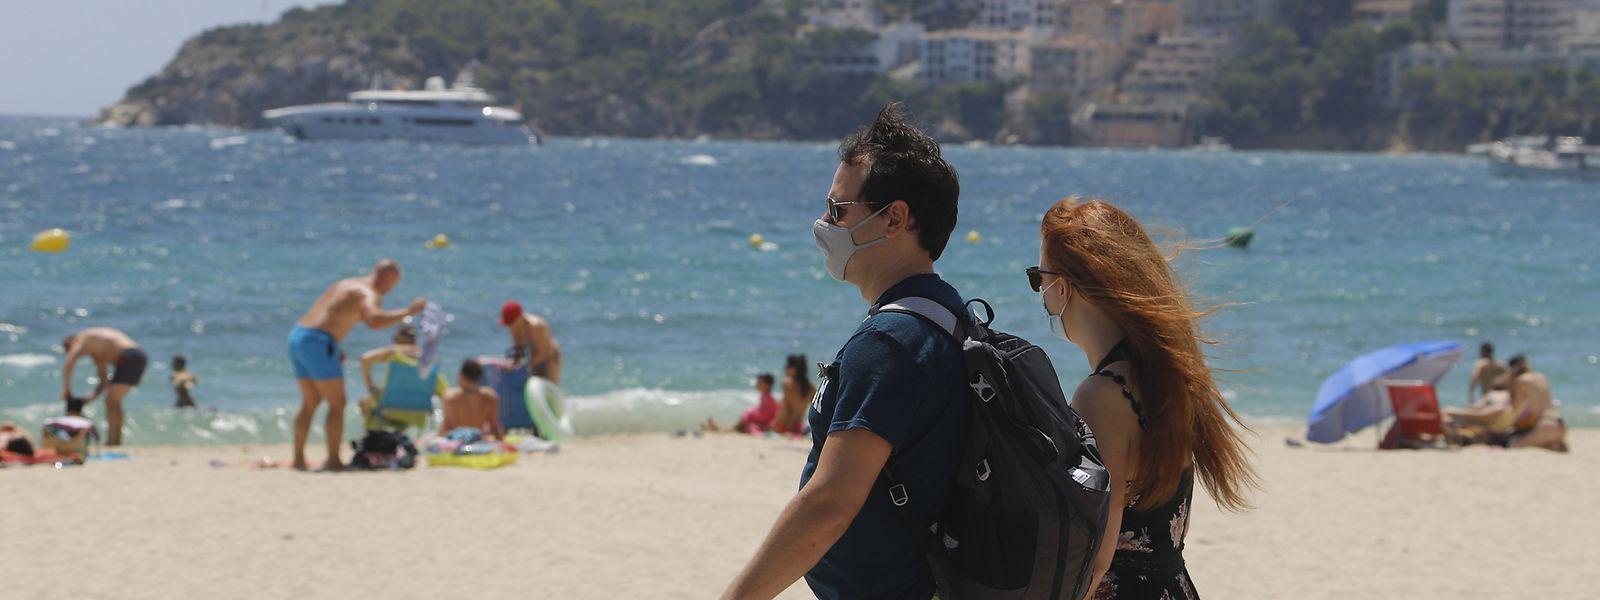 Auf Mallorca sollen - mit wenigen Ausnahmen - in der Öffentlichkeit immer Masken den Mund und die Nase bedecken.